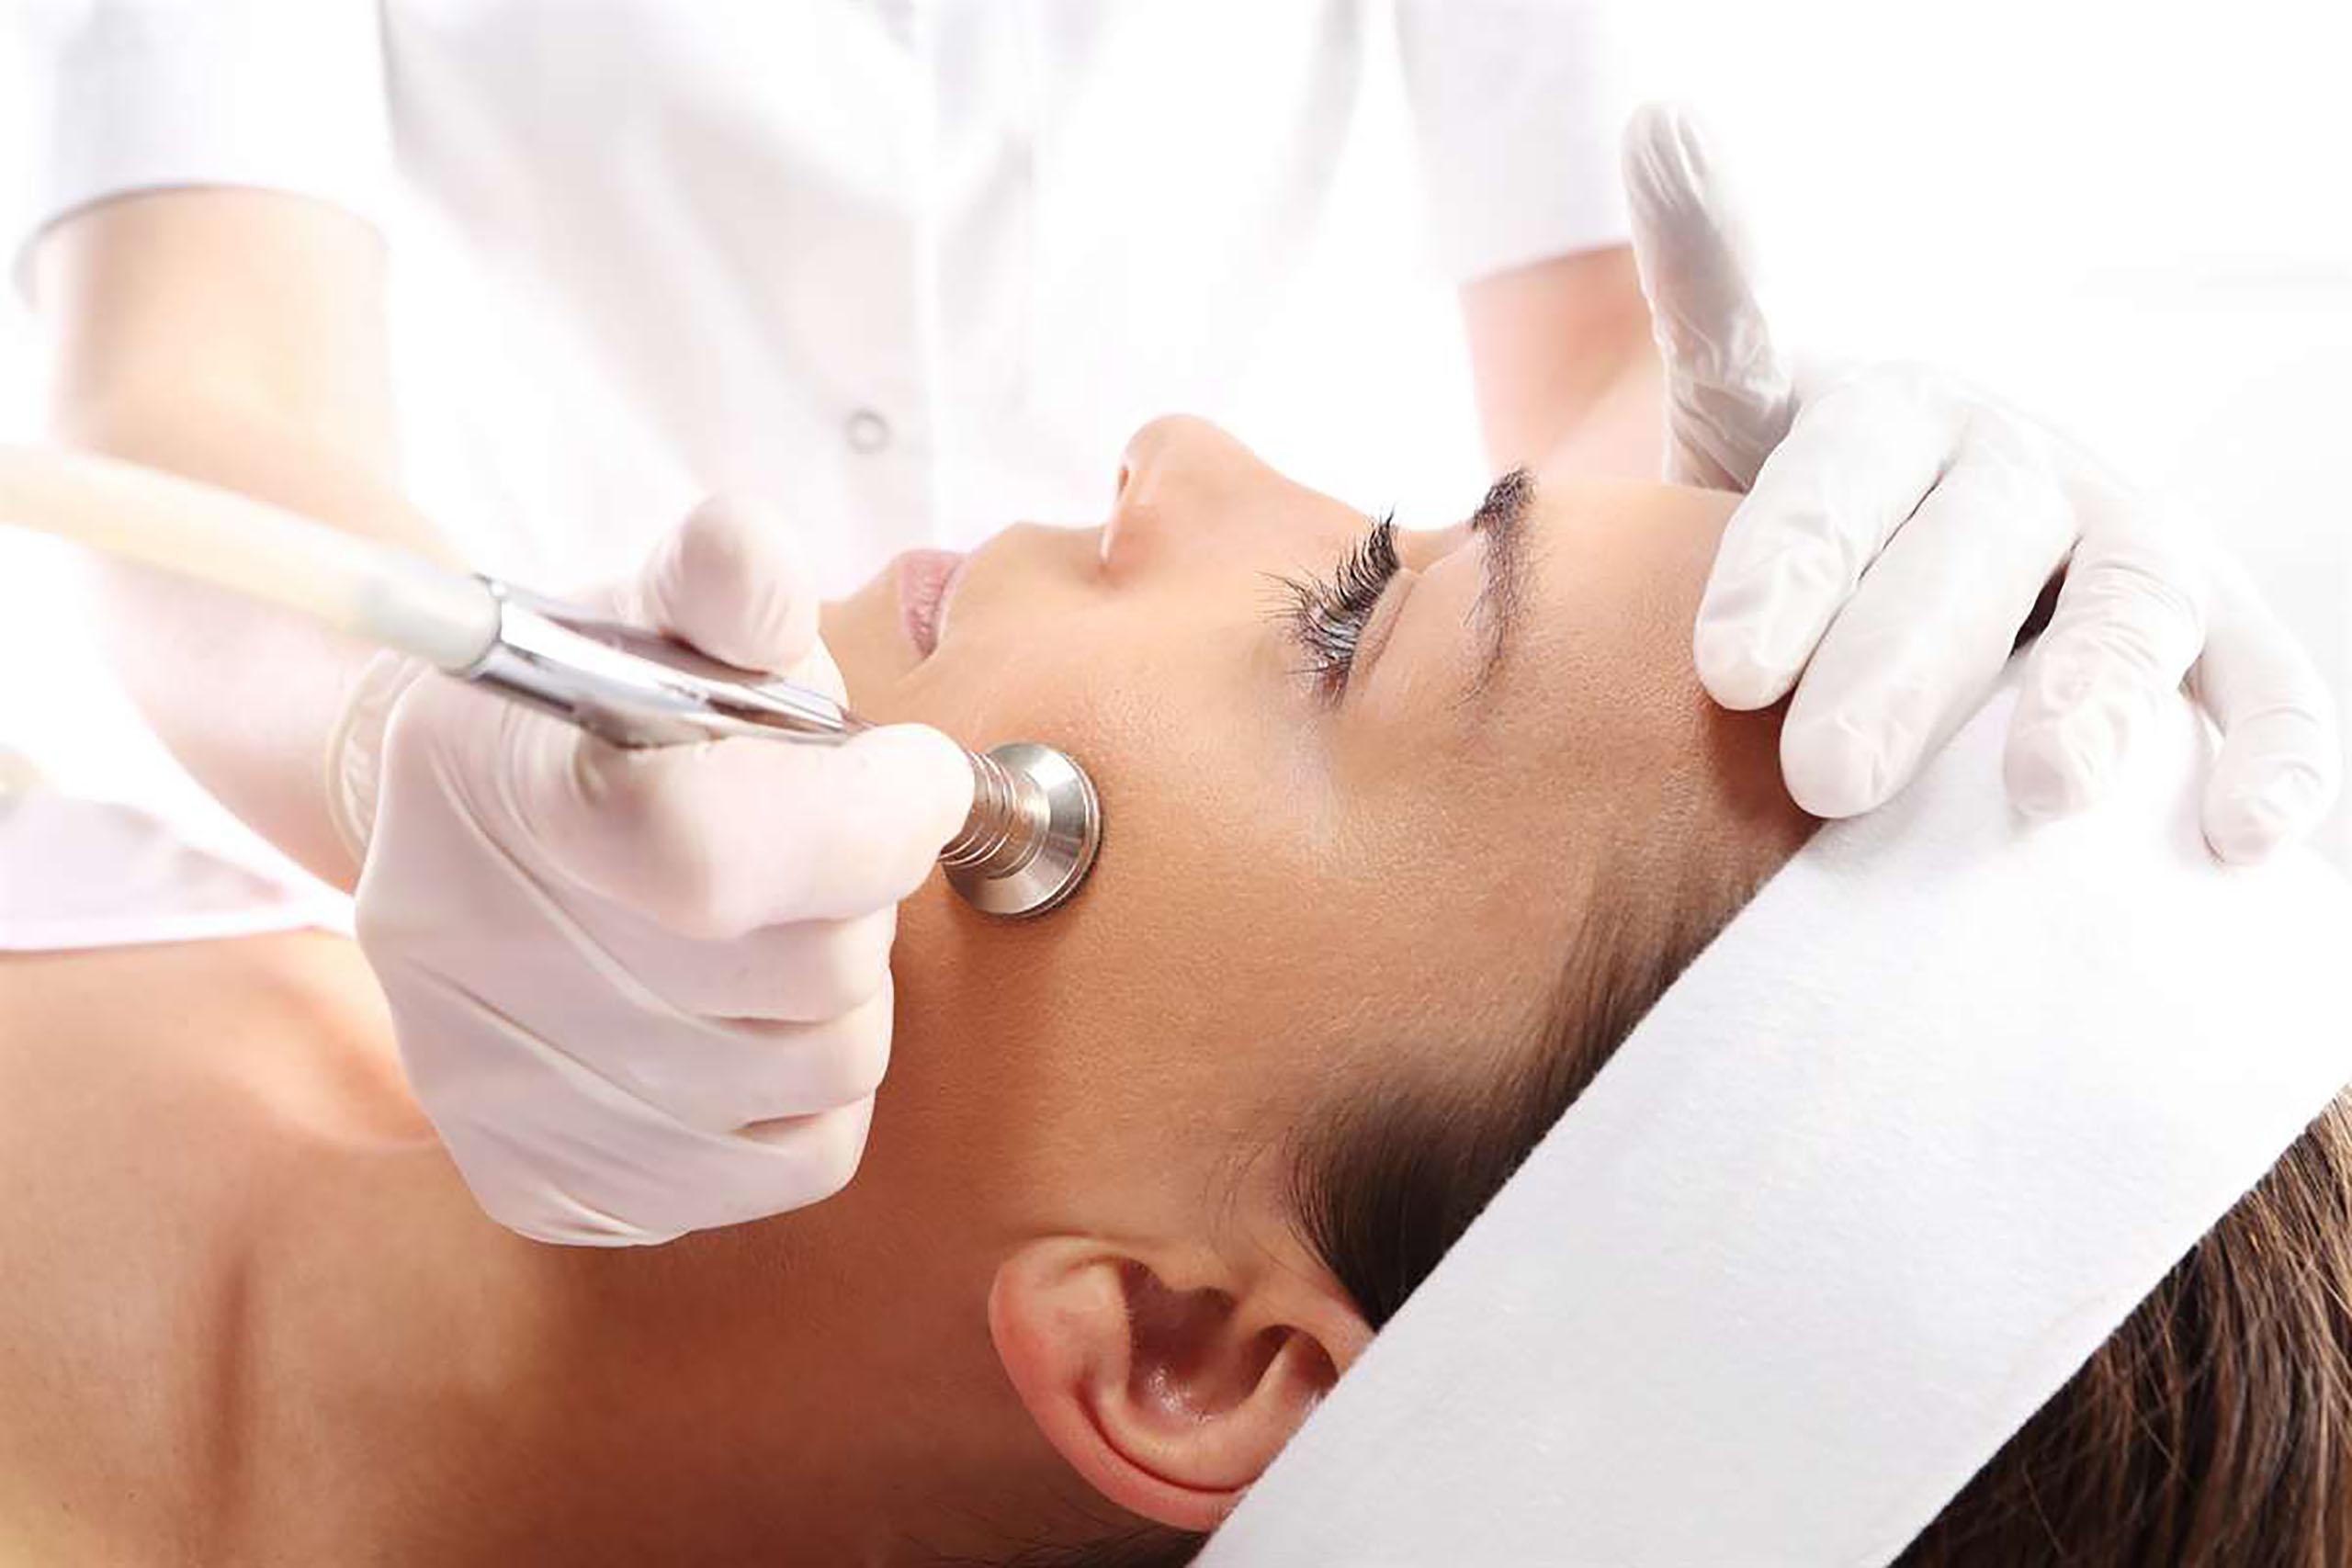 facial-plastic-surgery-clinics